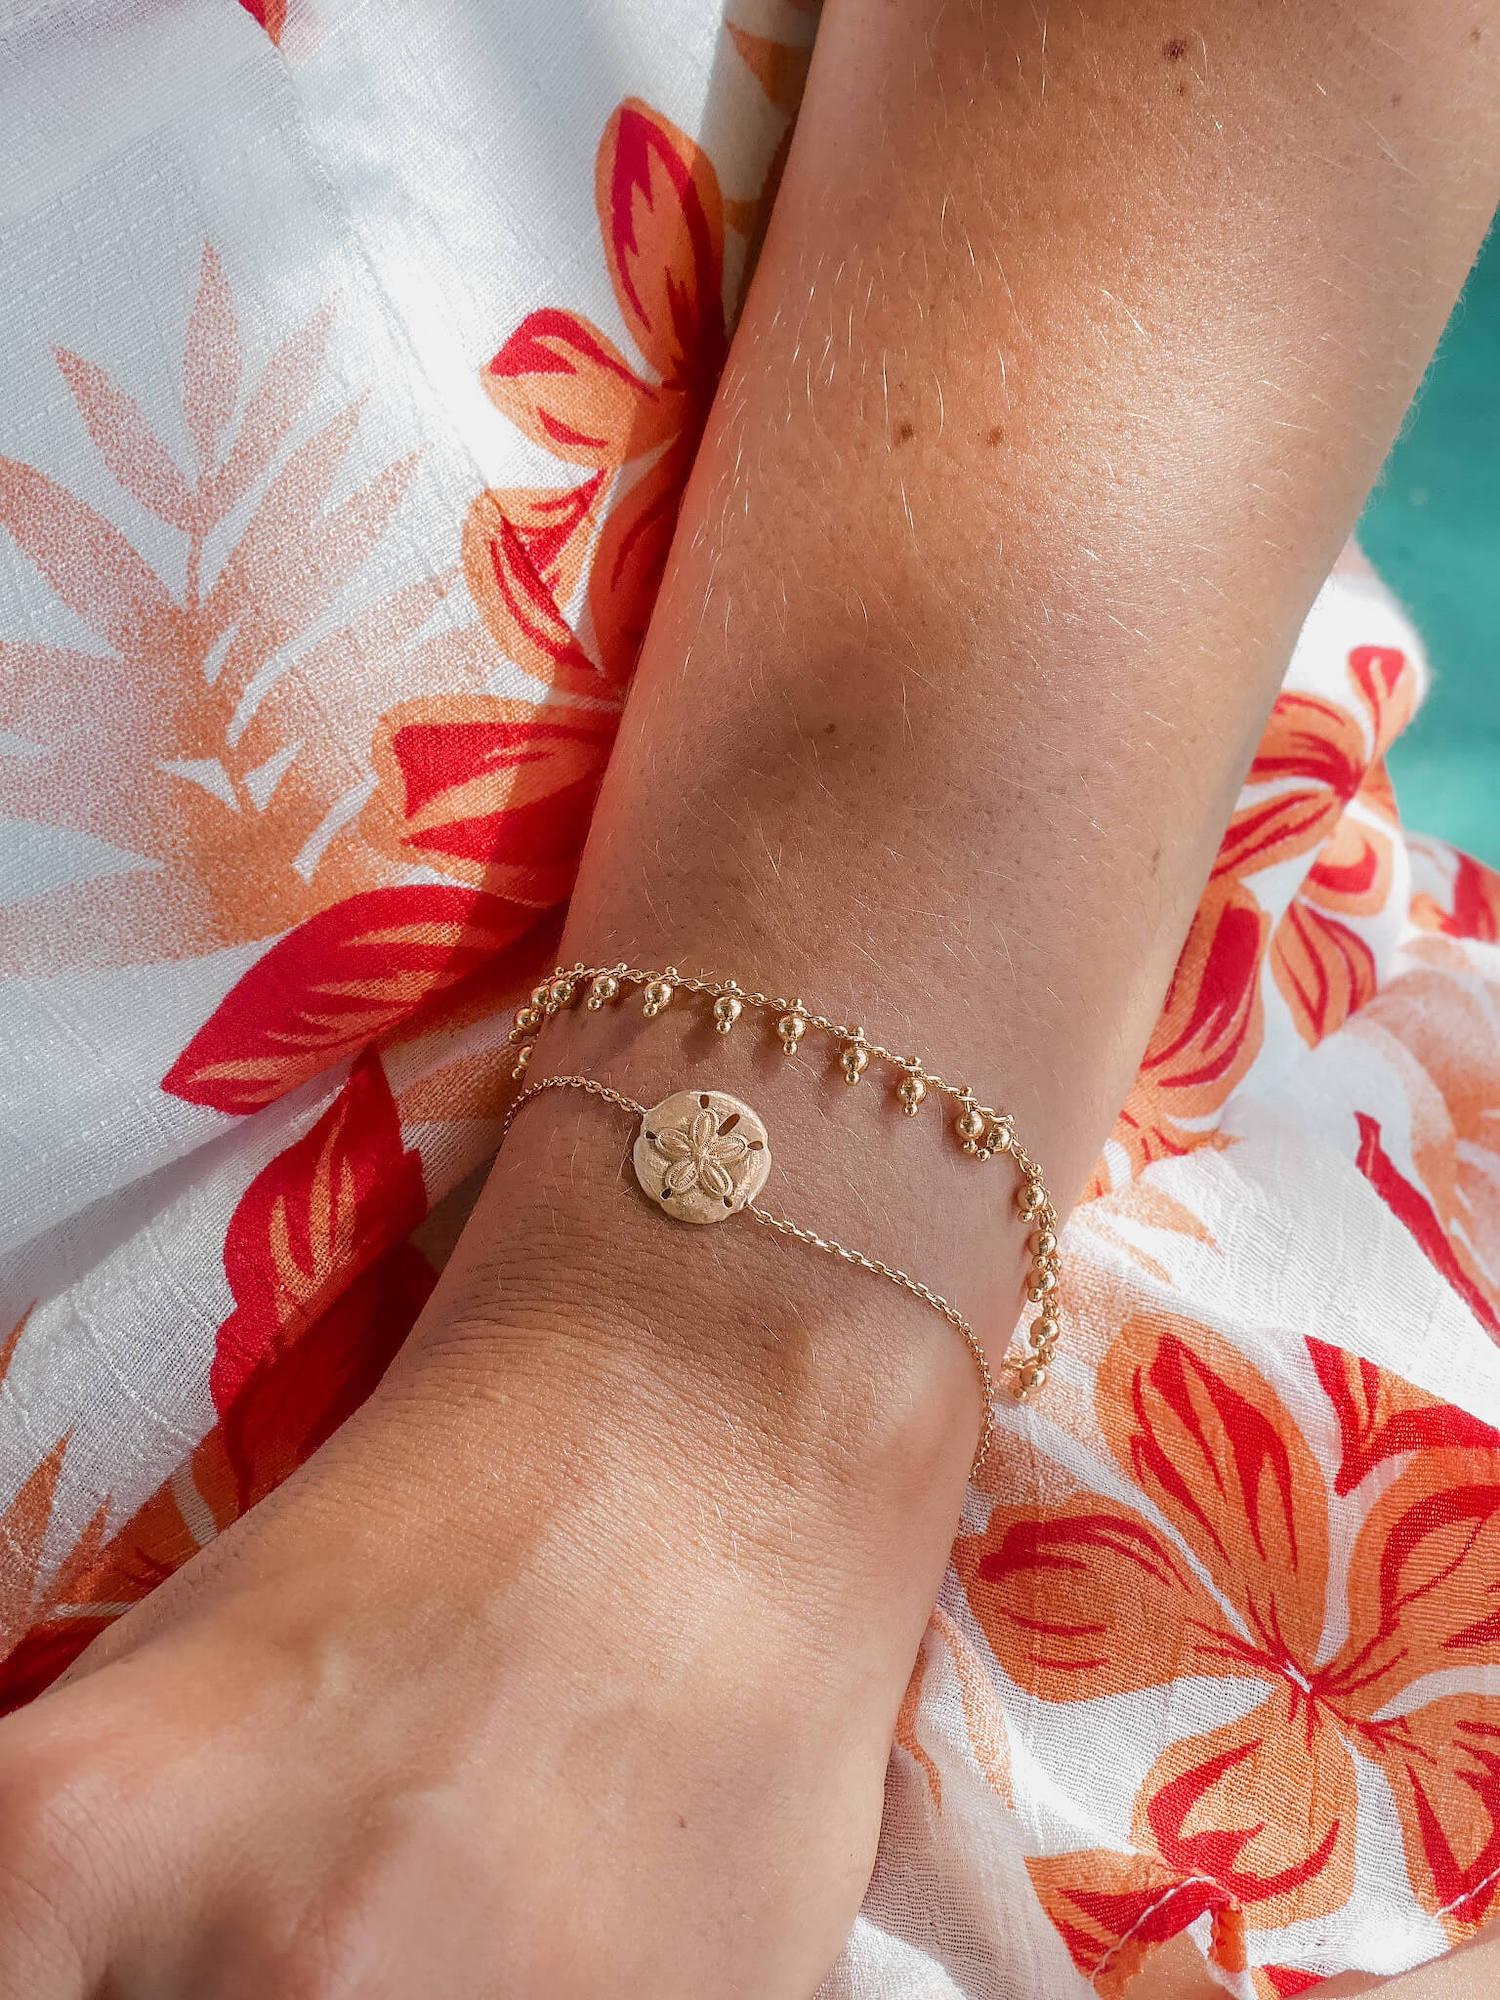 bijoux tendance - bracelets femme Martinique - Cénélia